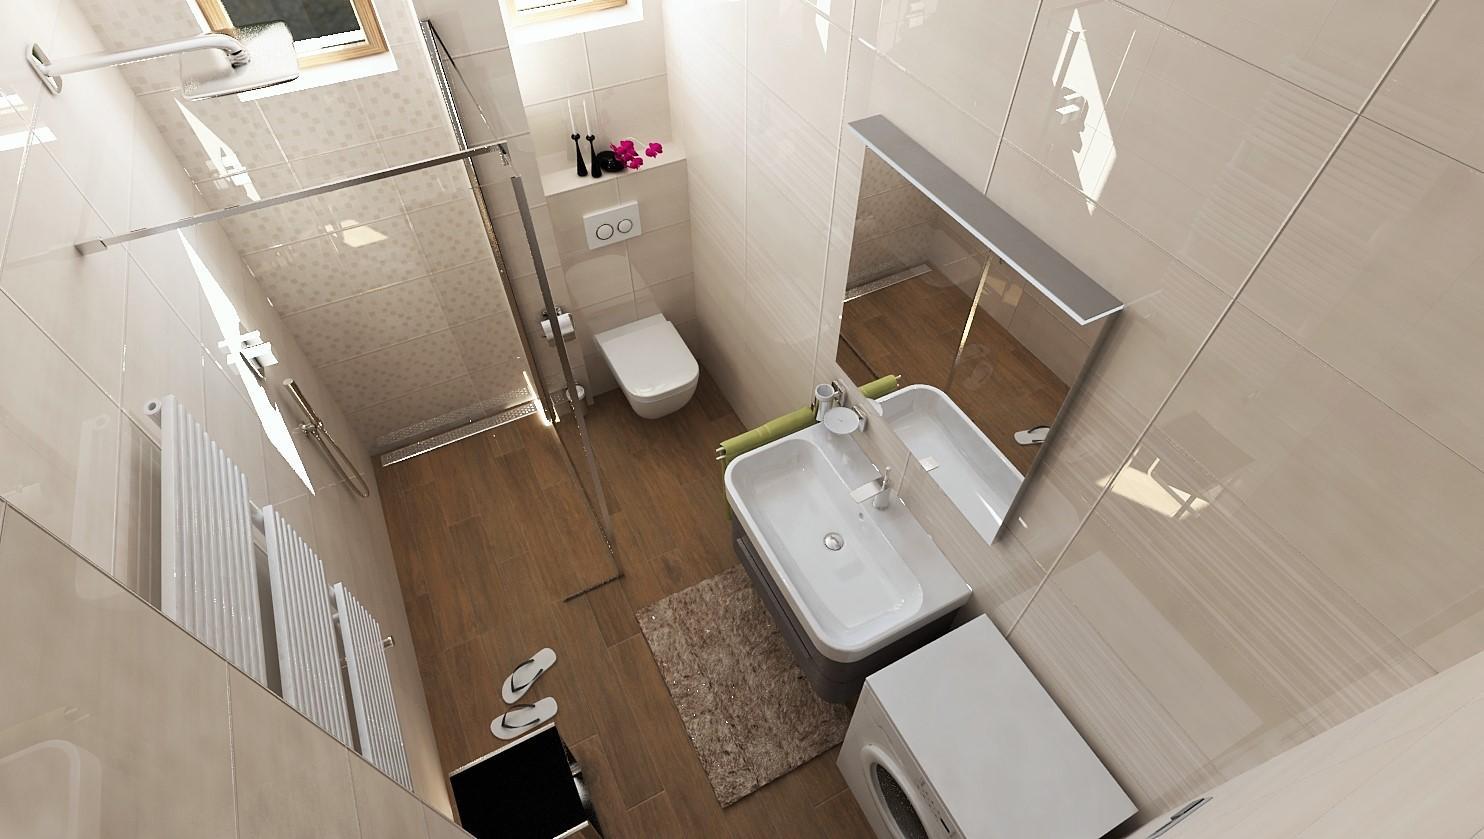 Návrhy a vizualizácie kúpeľní - Obrázok č. 12